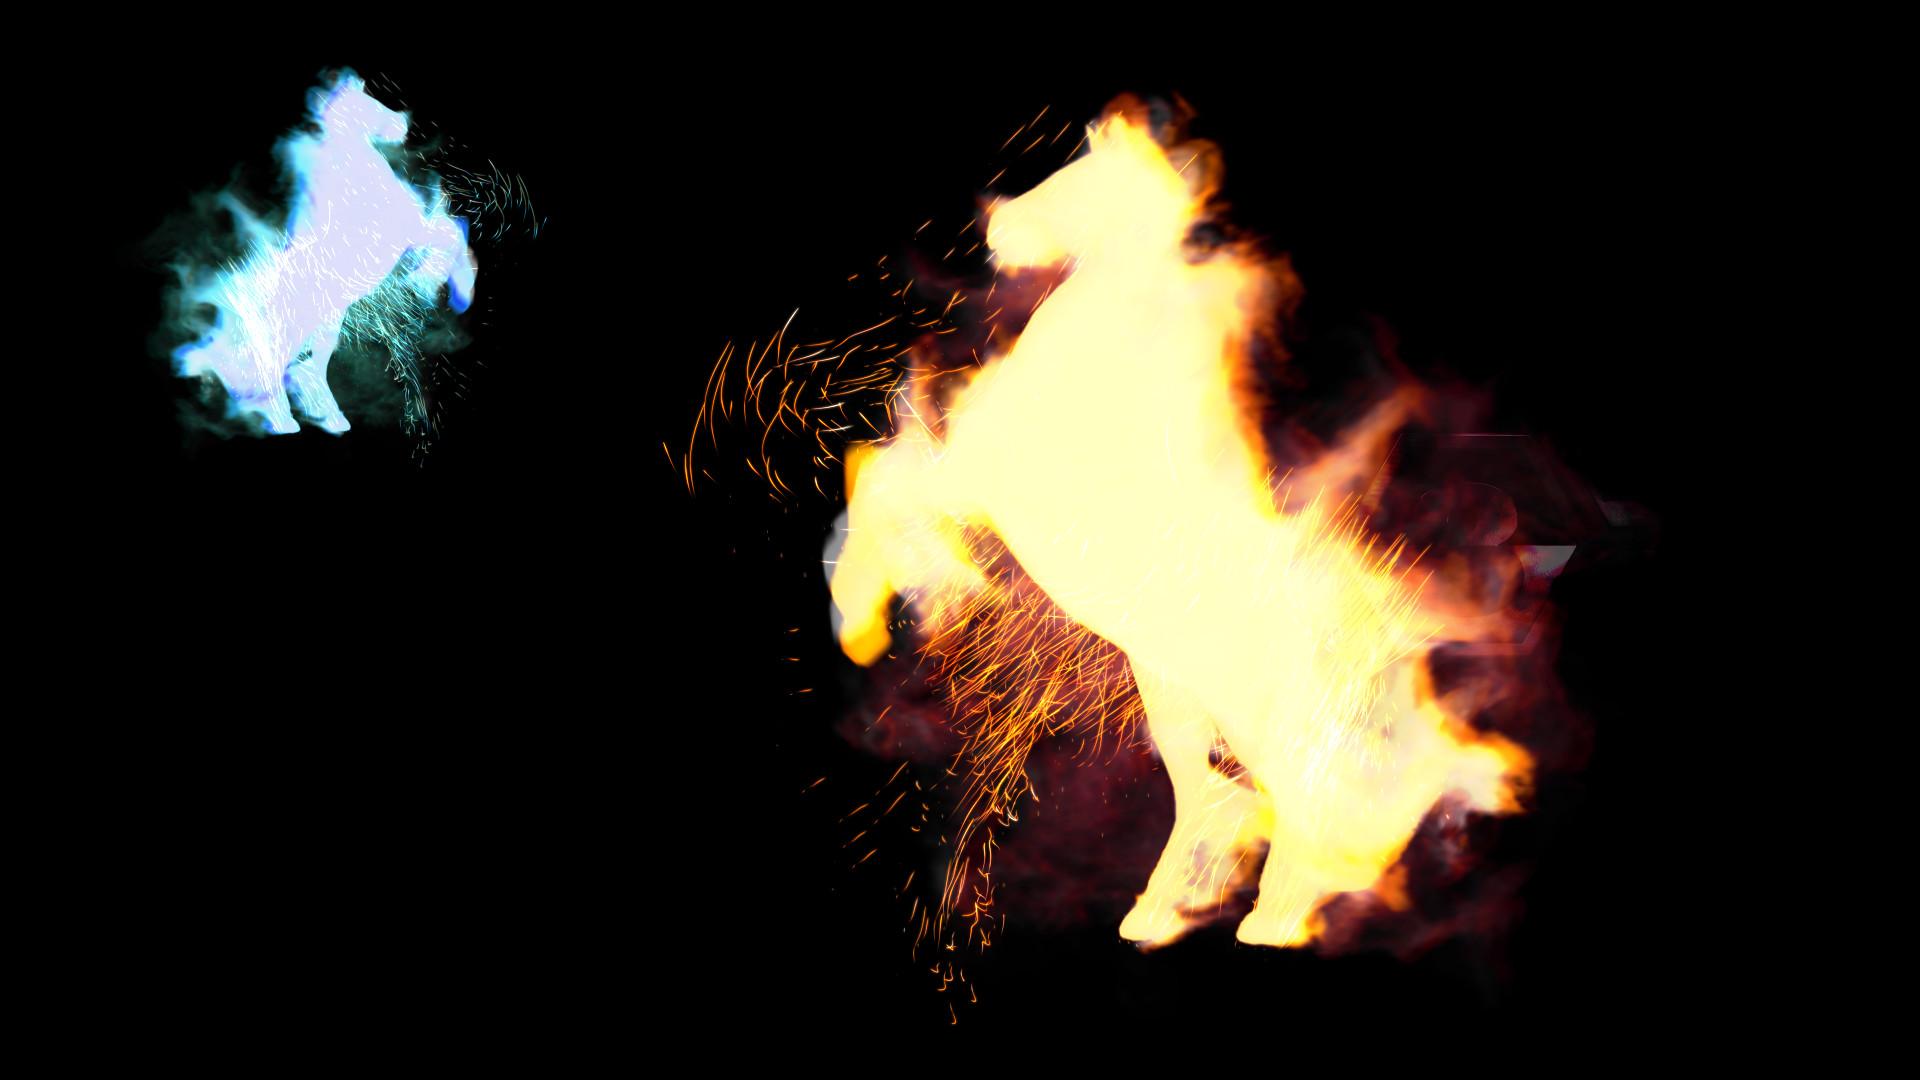 ArtStation - Horse On Fire, Michael Randriamiandriray